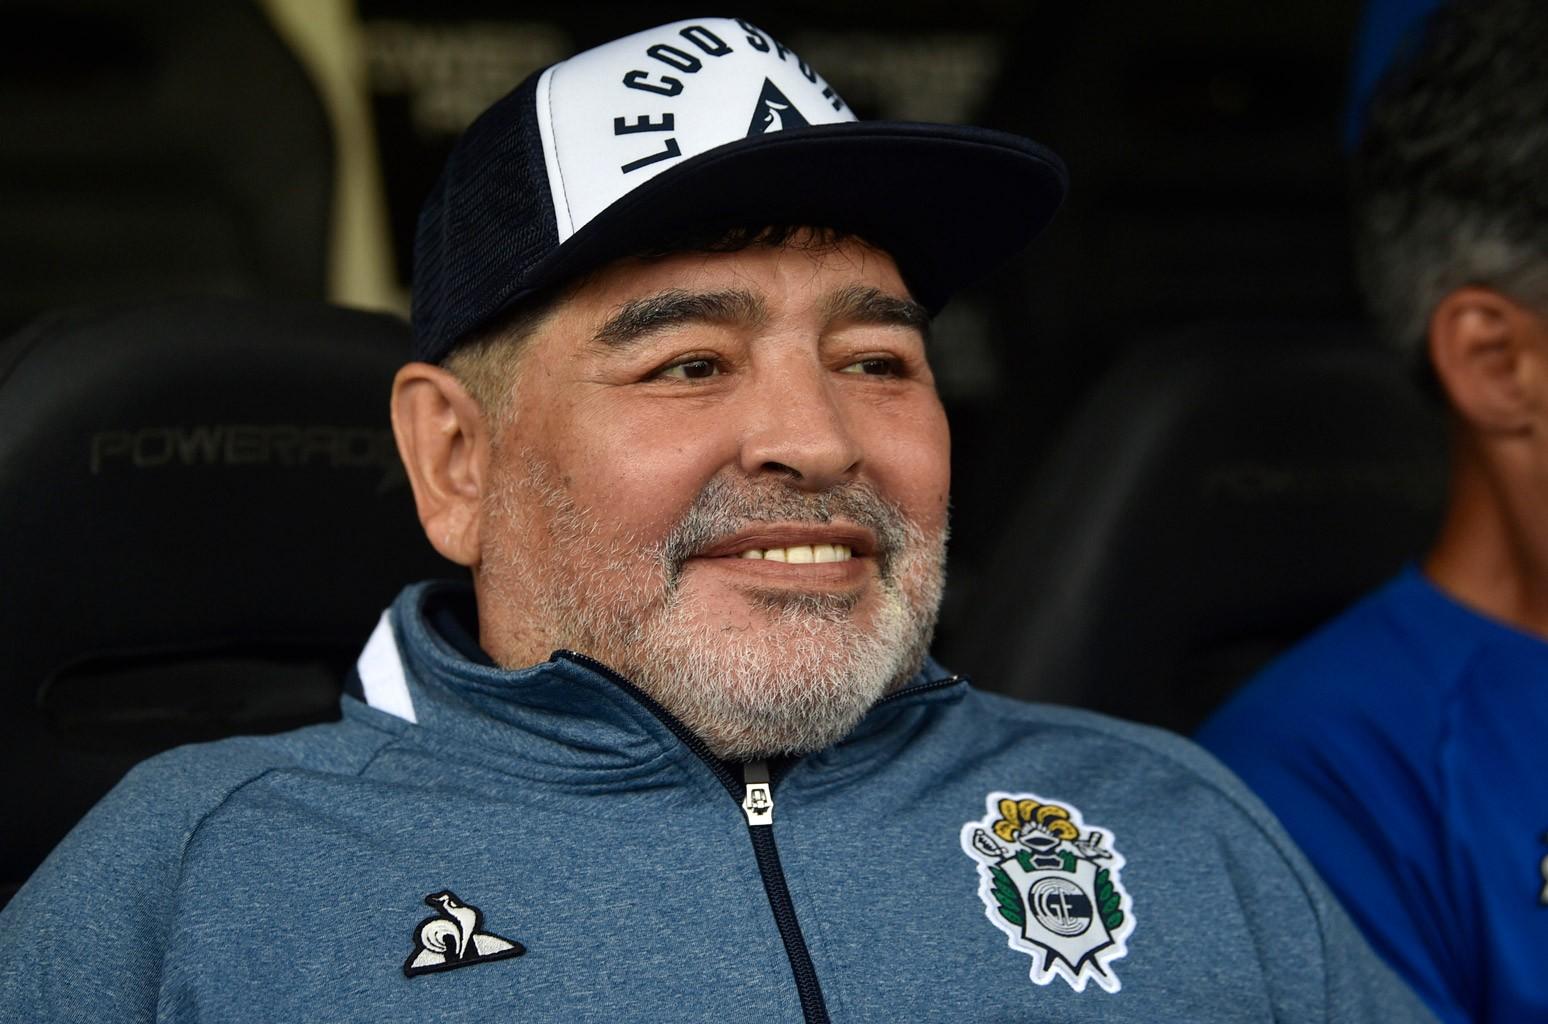 Ngay cả khi từ giã sân cỏ, Maradona vẫn yêu bóng đá.